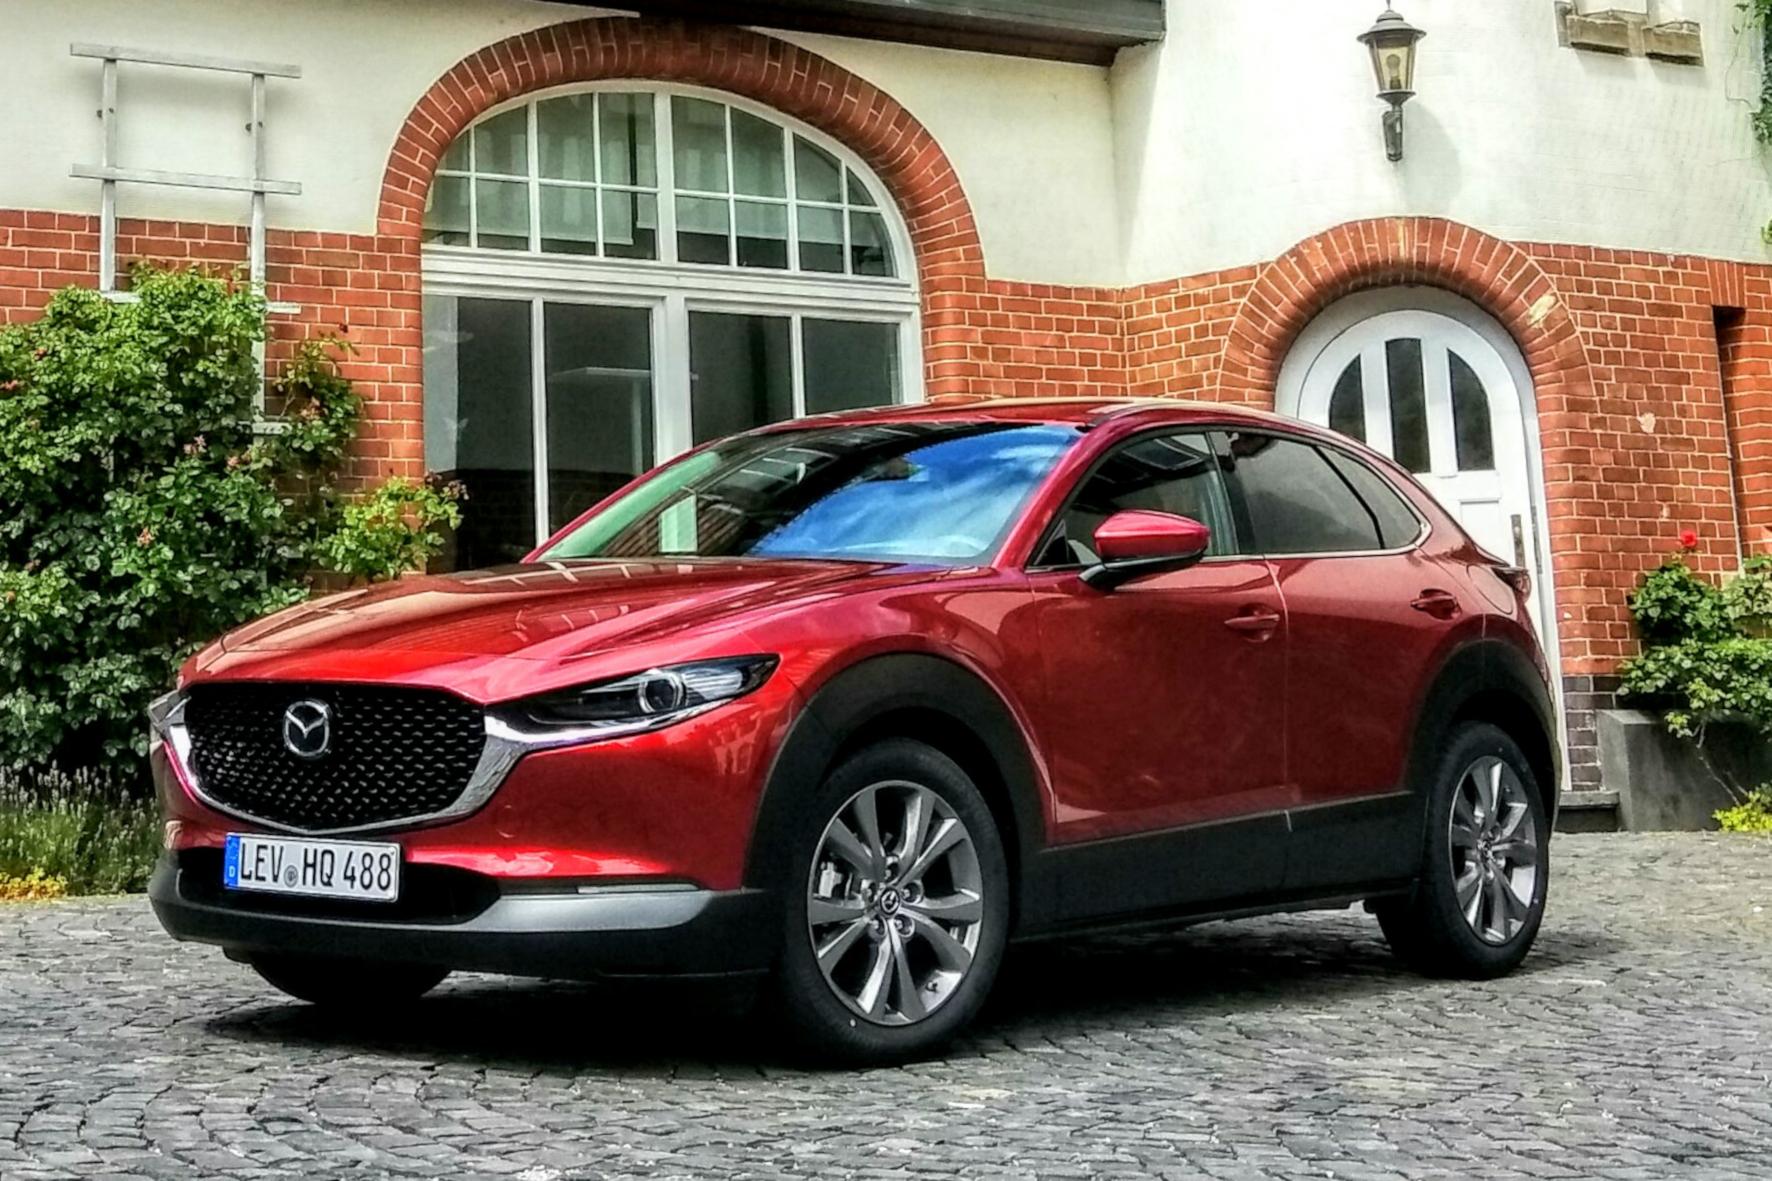 mid Königstein - Der neue Mazda CX-30 reiht sich zwischen CX-5 und CX-3 ein. Solveig Grewe / mid